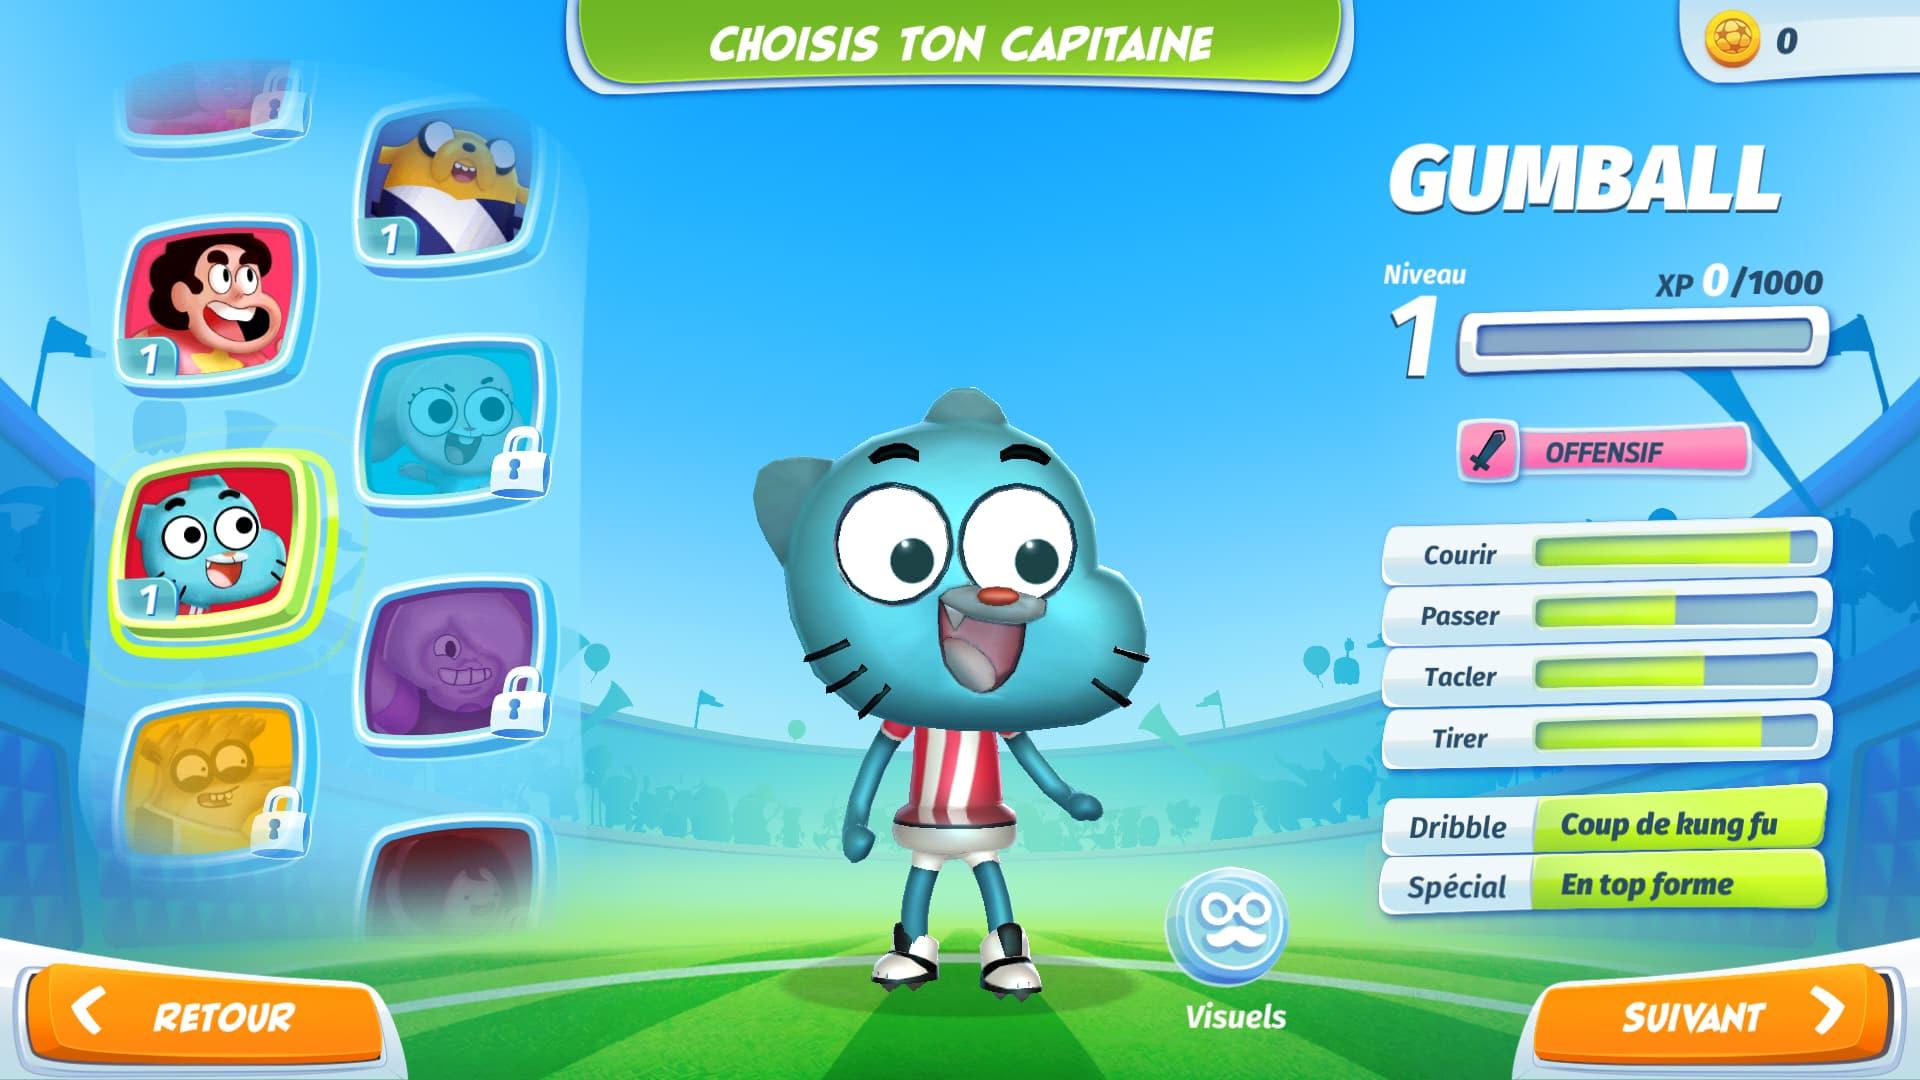 Gumball, Steven Universe, Adventure Time, Regular Show, tout l'univers des dessins animés de Cartoon Network s'est réuni dans le jeu mobile CN Superstar Soccer : Goal !!!.